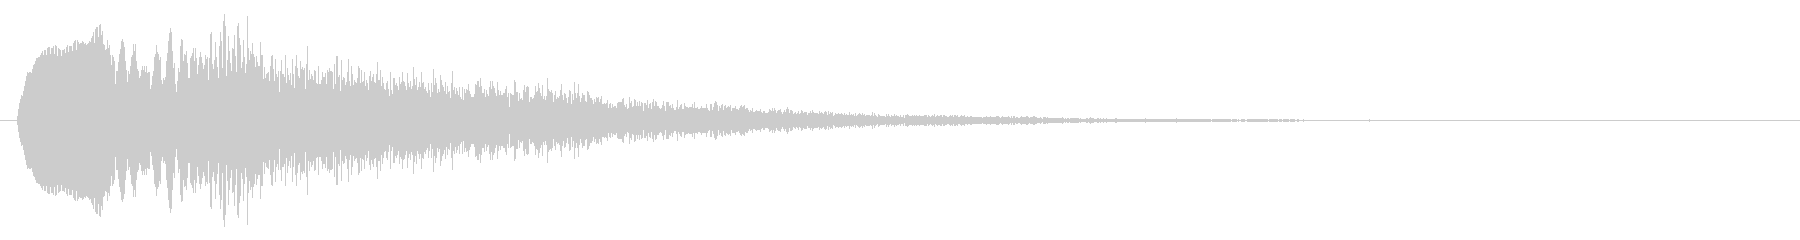 ミス 透明感のあるゲームオーバー 決定音の未再生の波形